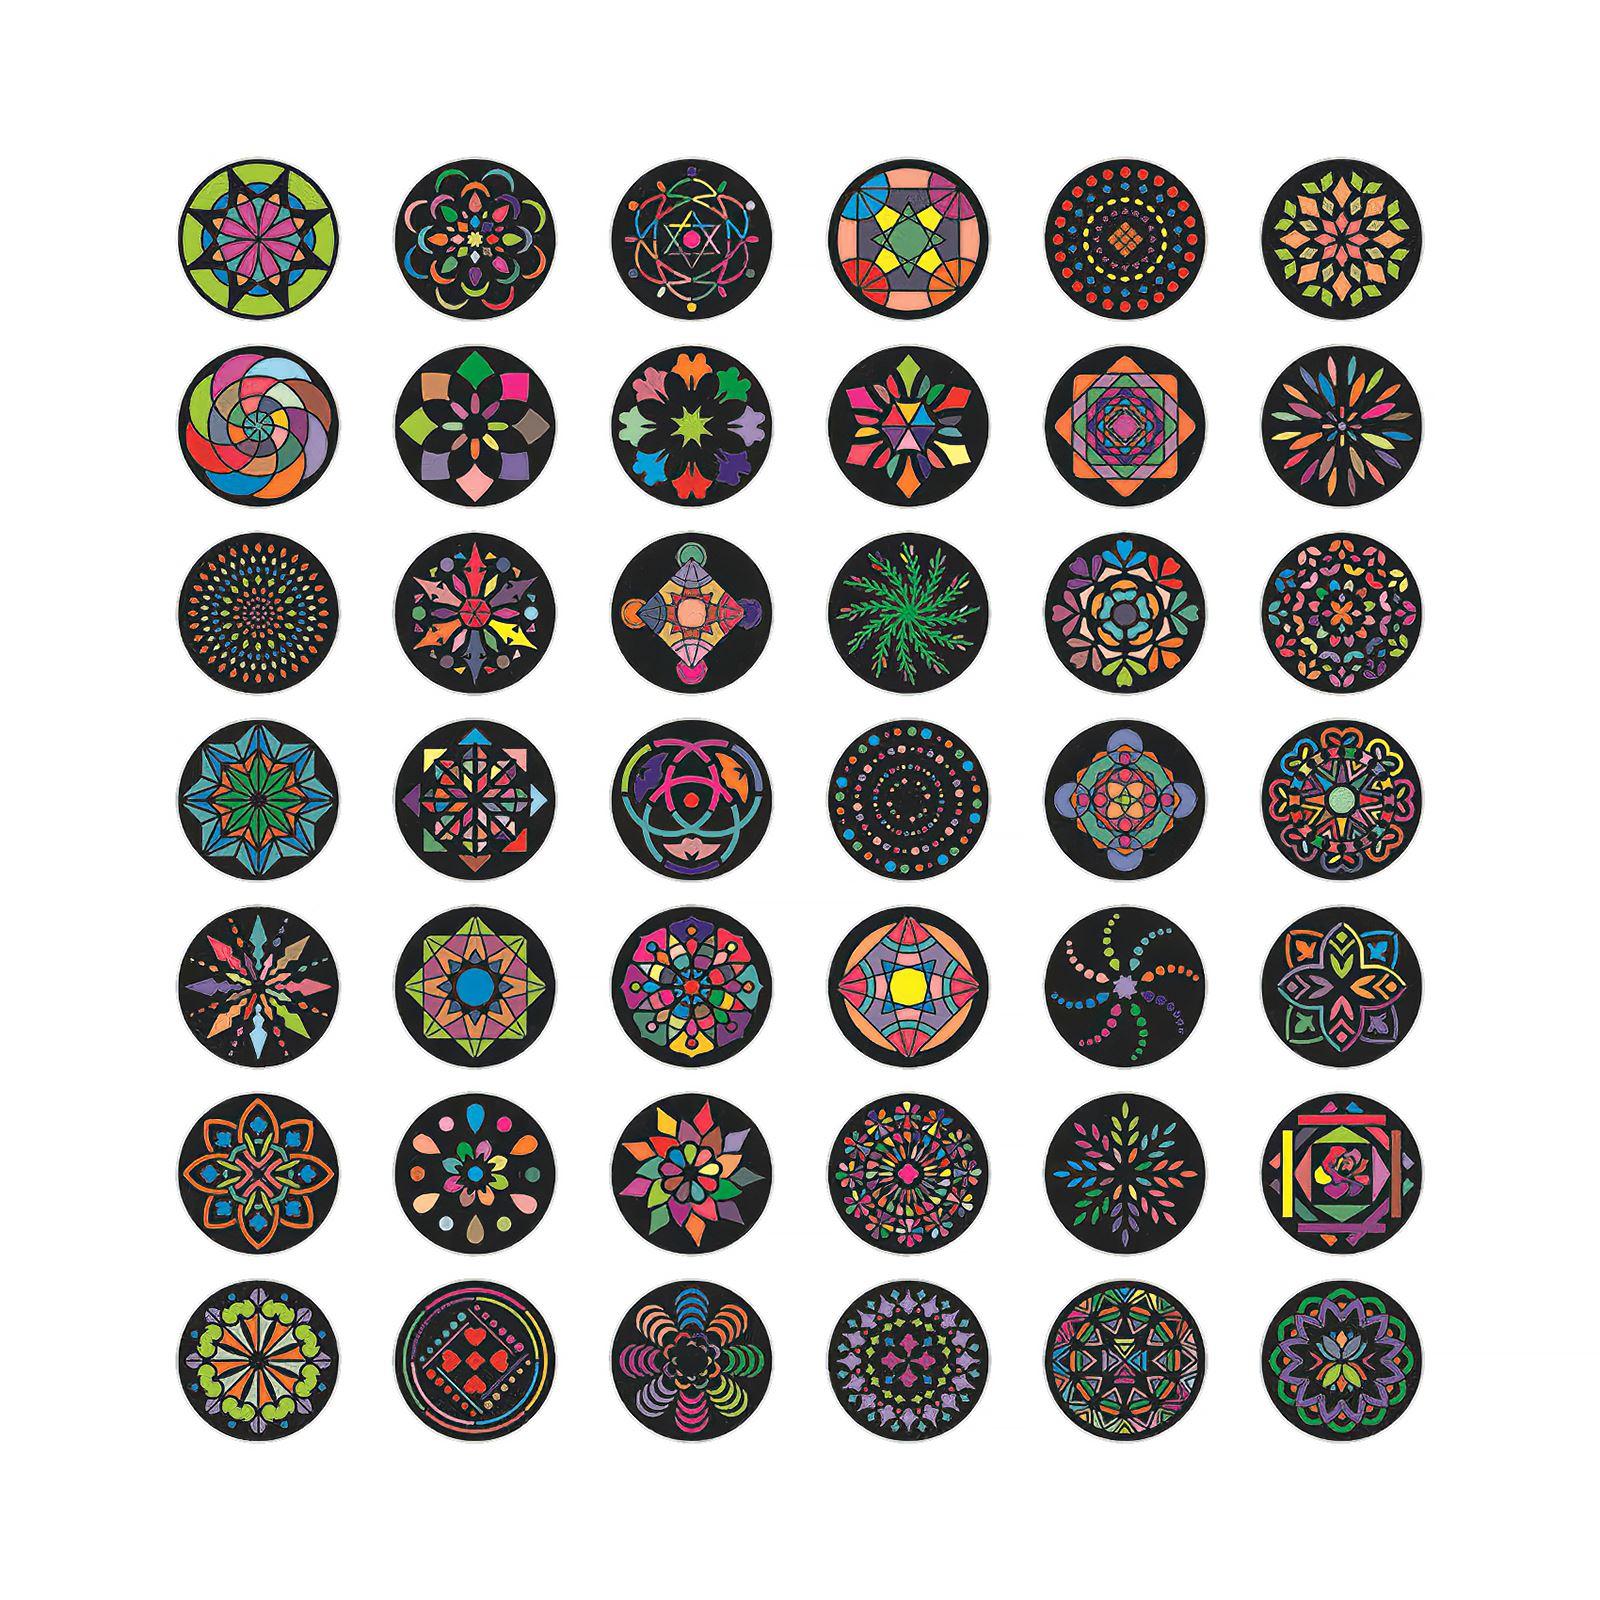 42 pacotes redondos padrões planejador conjunto de formas bonitas para projetos de arte de pintura de rocha diy 10.2*10.2cm polegadas 4.01*4.01 polegadas